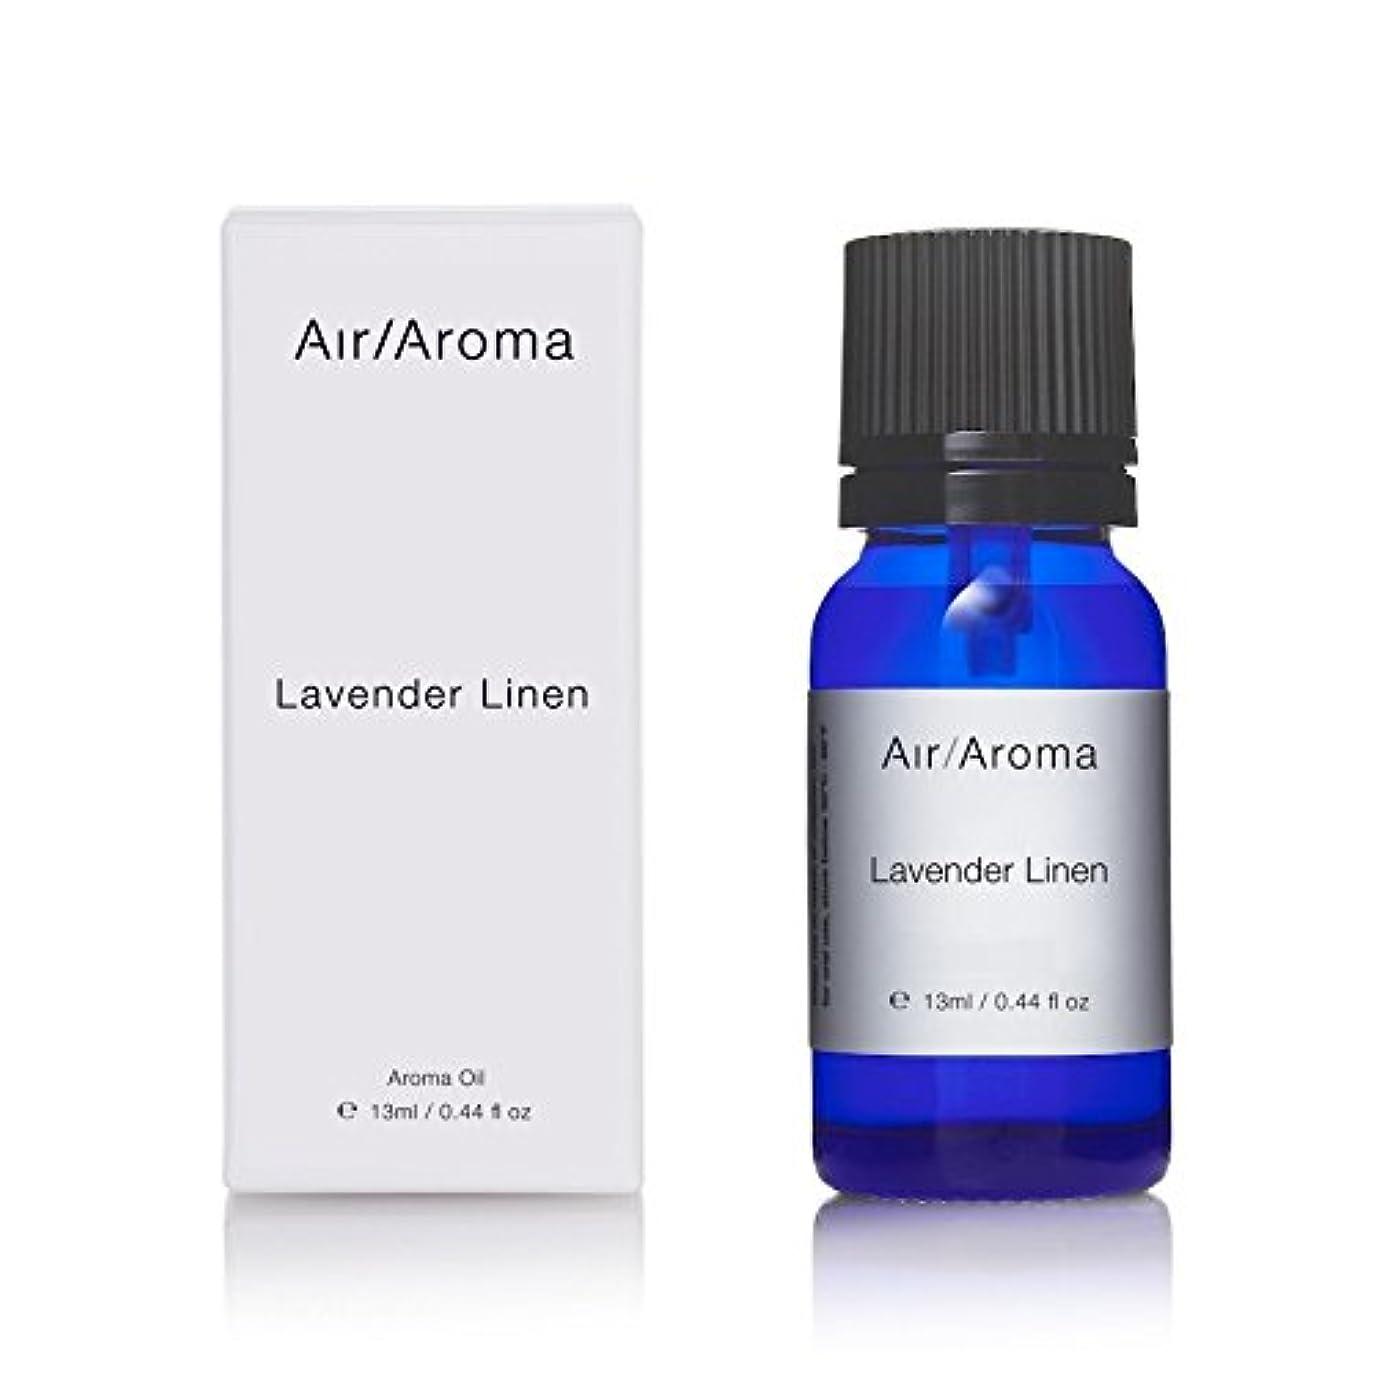 カレンダー磨かれた宮殿エアアロマ lavender linen (ラベンダーリネン) 13ml